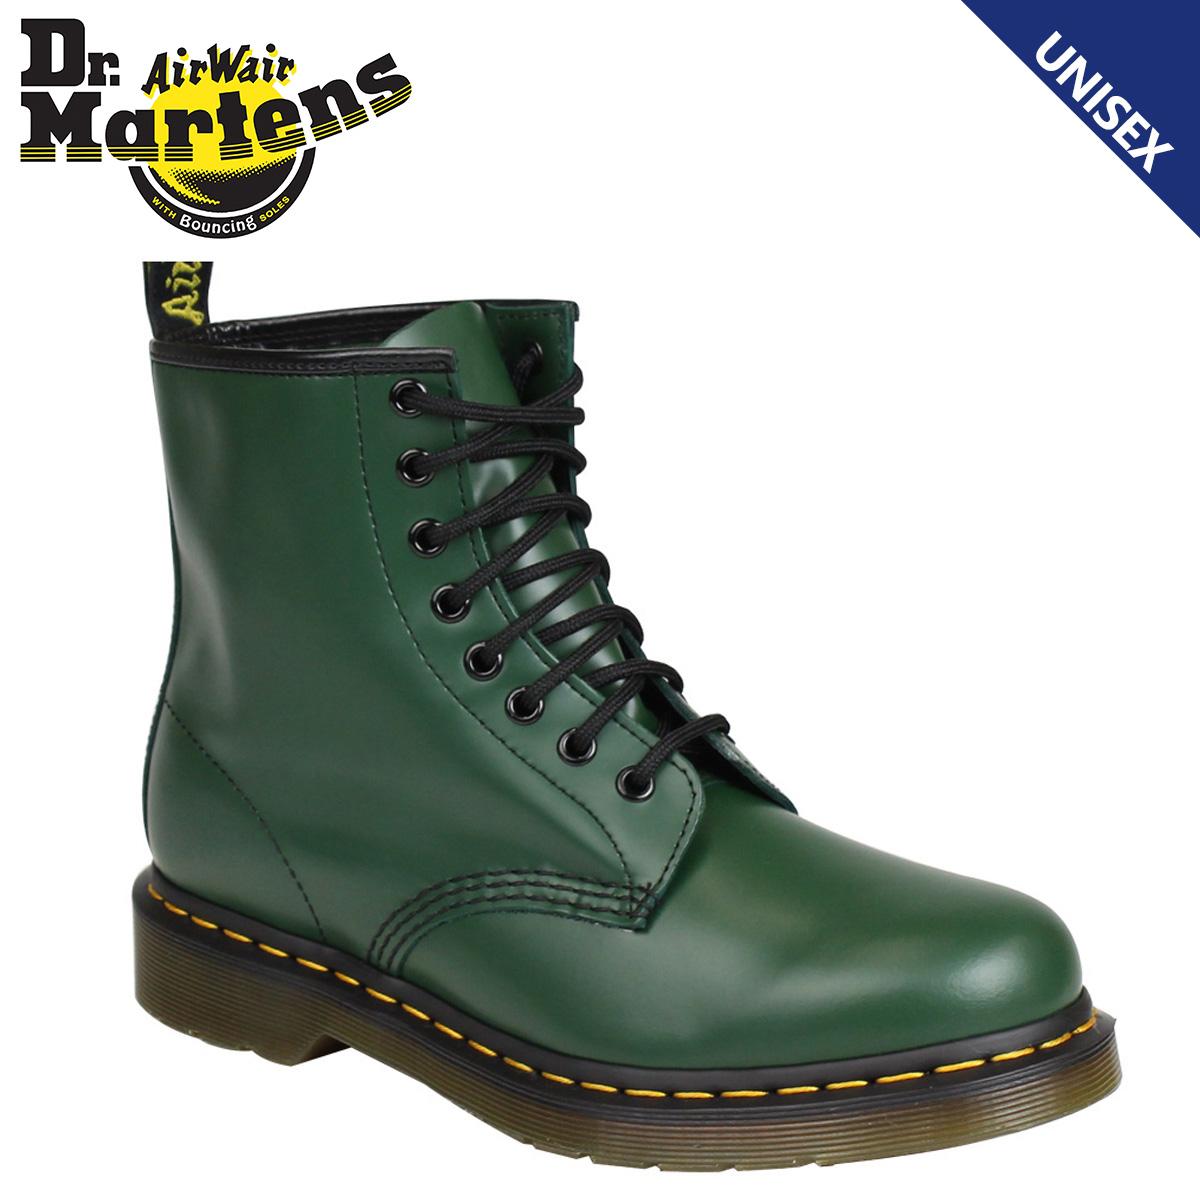 ドクターマーチン Dr.Martens 8ホール 1460 メンズ レディース ブーツ 8EYE BOOT R11822207